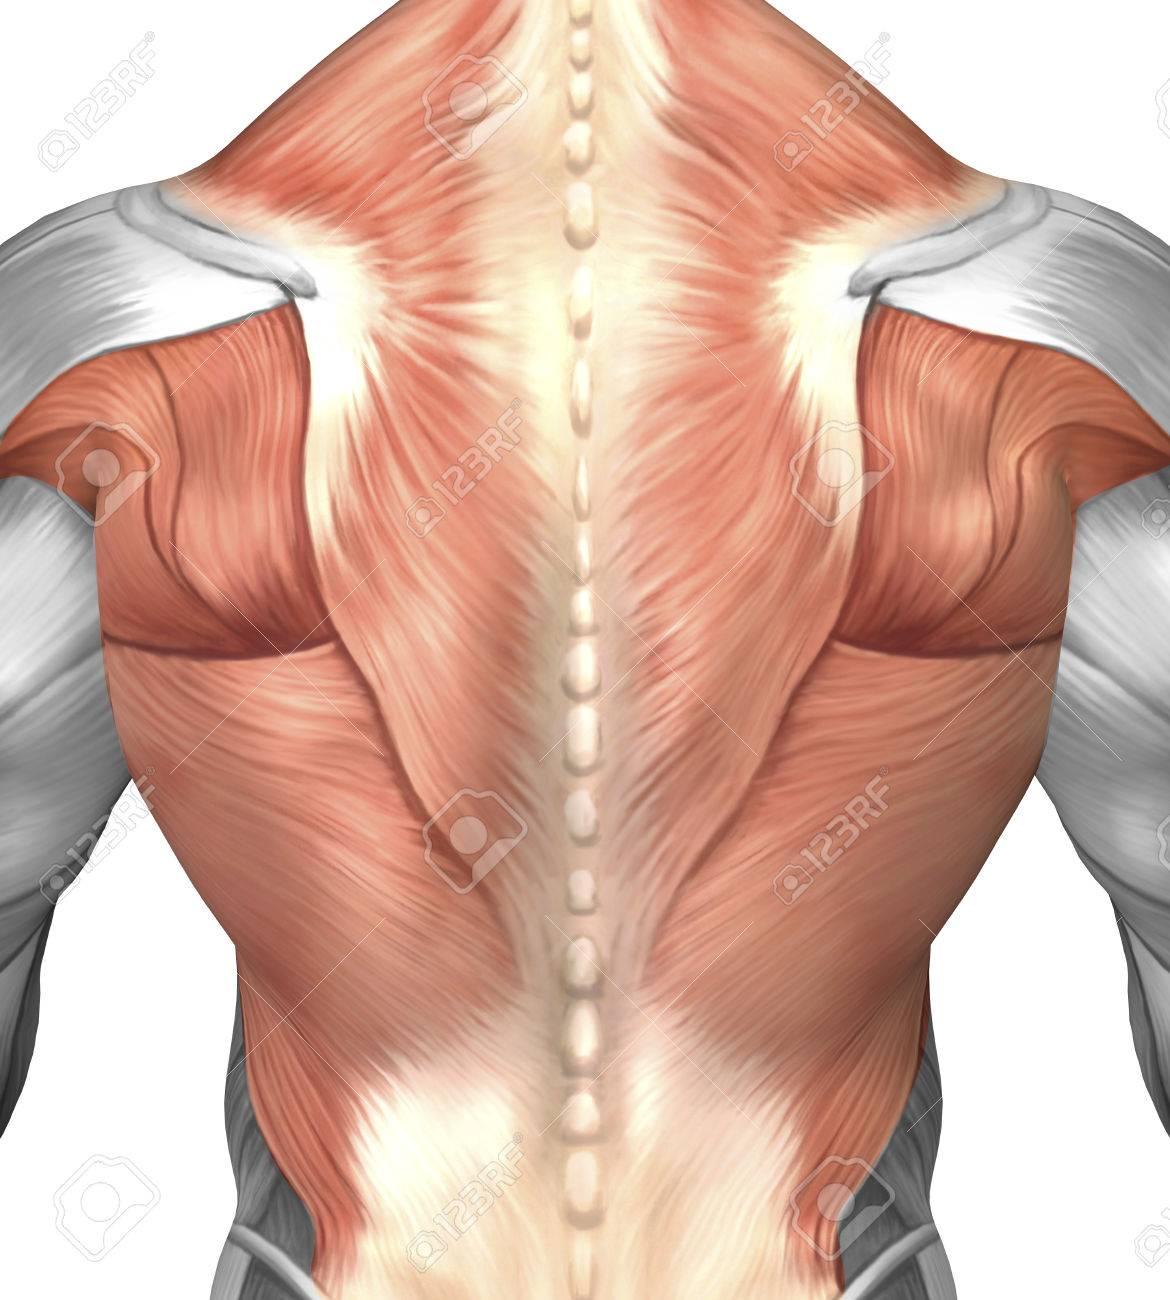 Wunderbar Muskelanatomie Unteren Rücken Zeitgenössisch - Menschliche ...